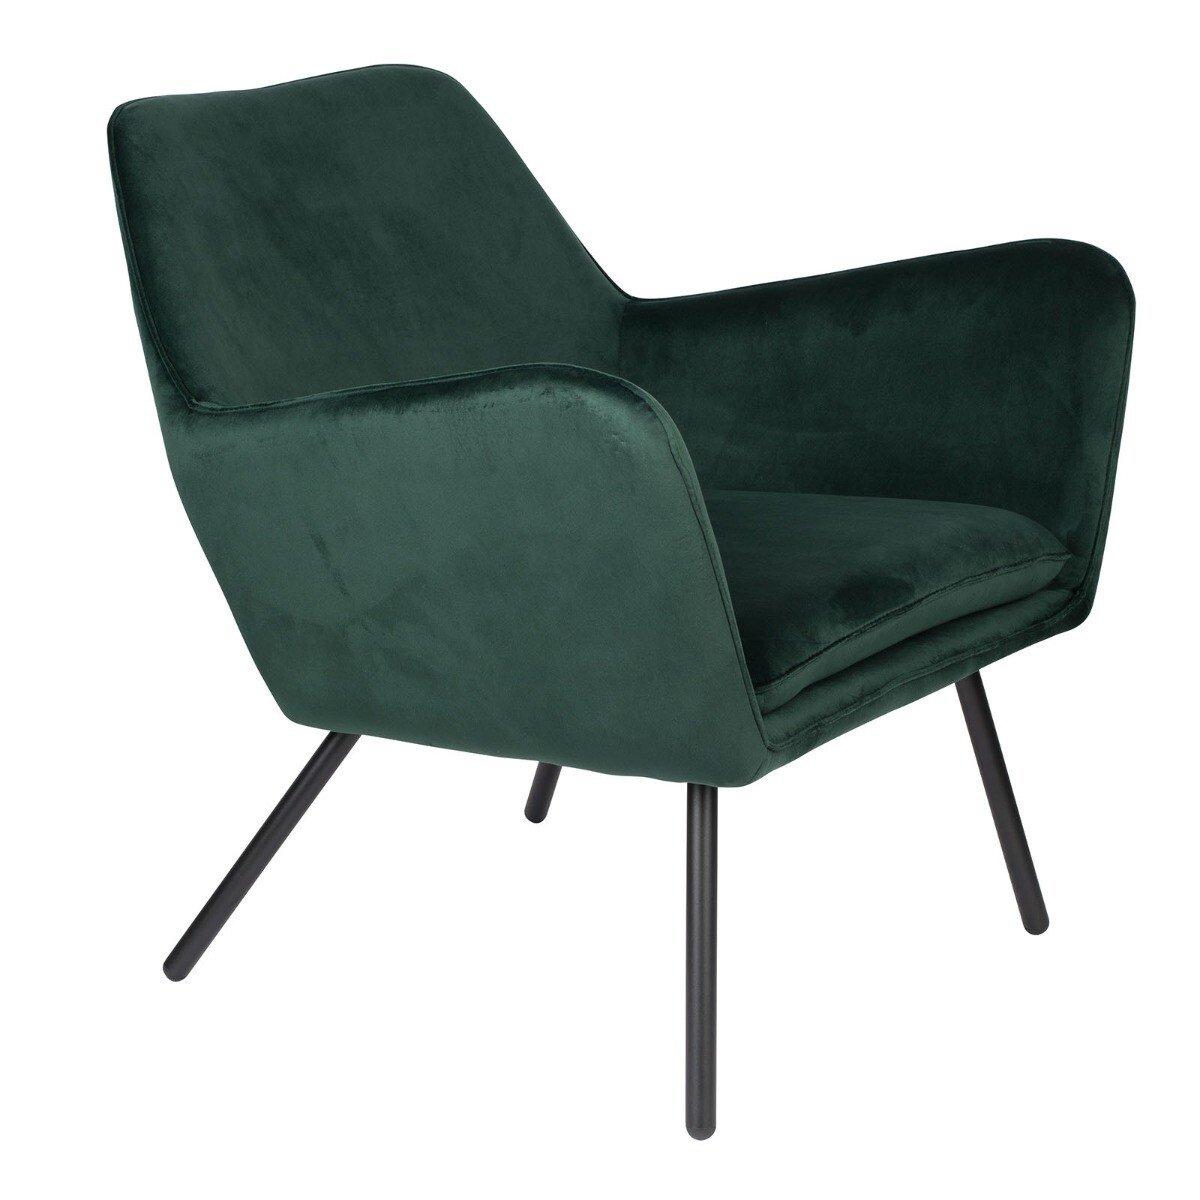 Wants&Needs Fauteuil Bon Velvet groen 78 x 80 x 76